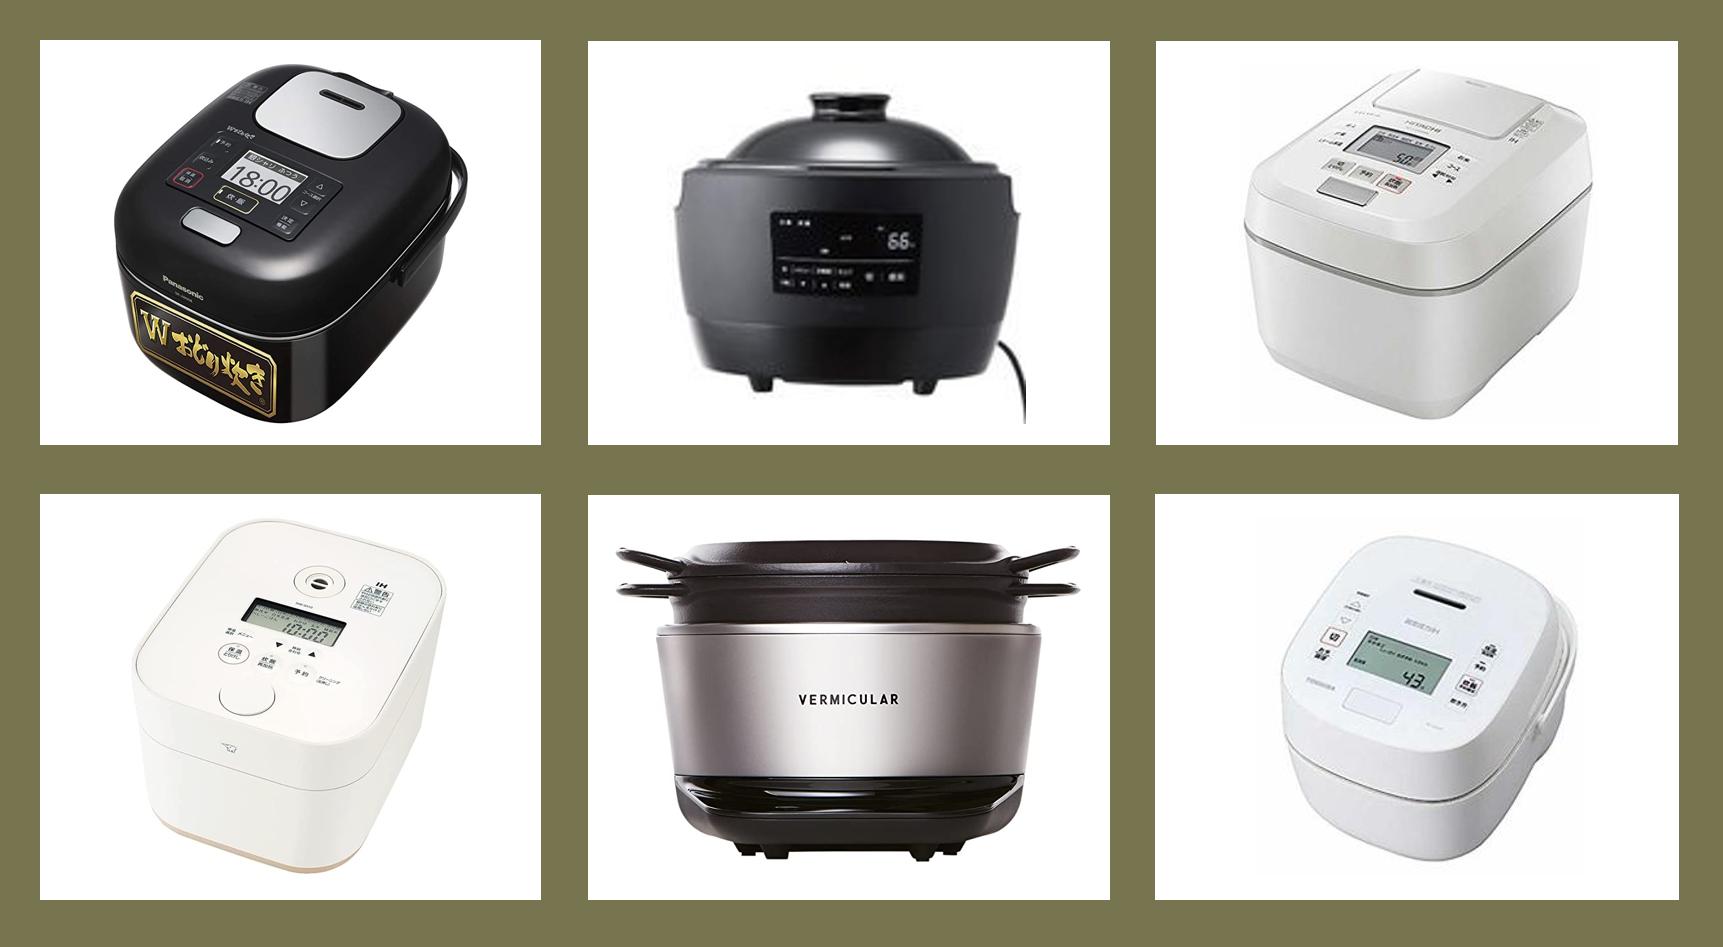 おすすめの炊飯器ランキング24選《2021最新》売れ筋や人気メーカーから機能性の高い炊飯器を厳選してお届け